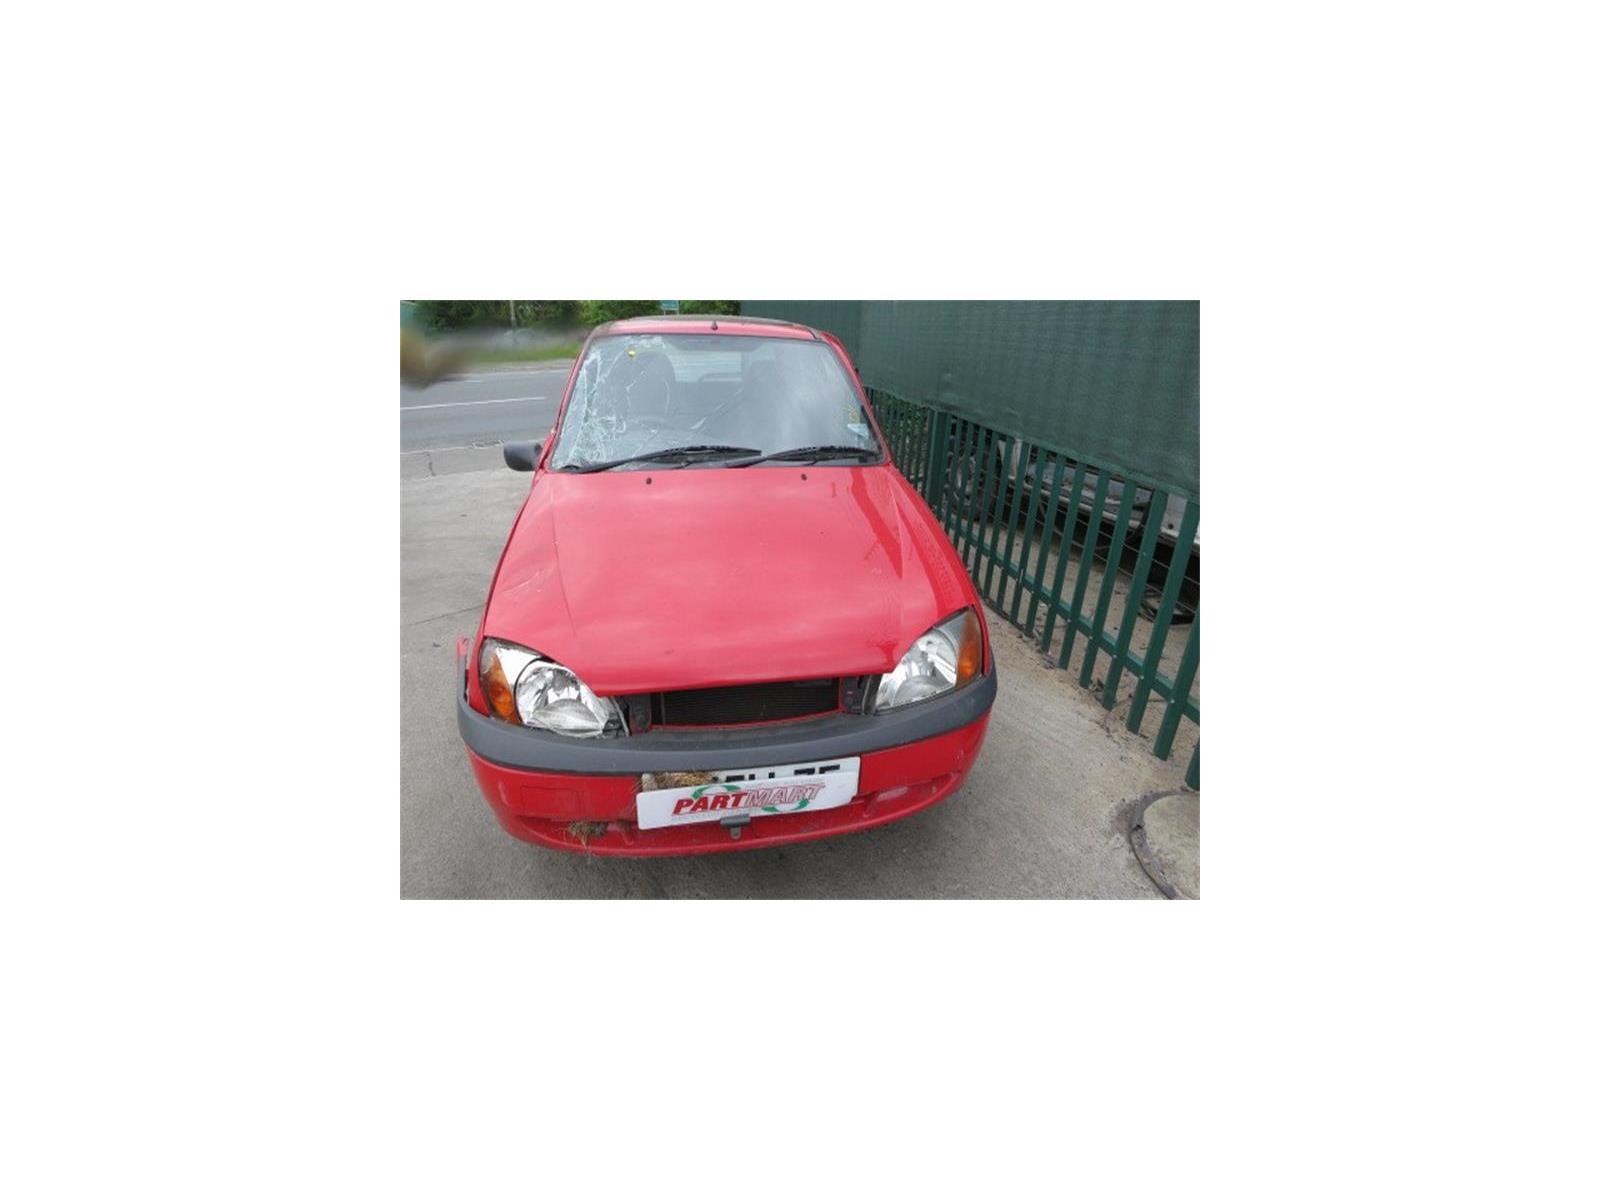 Ford Fiesta 1999 To 2002 3 Door Hatchback